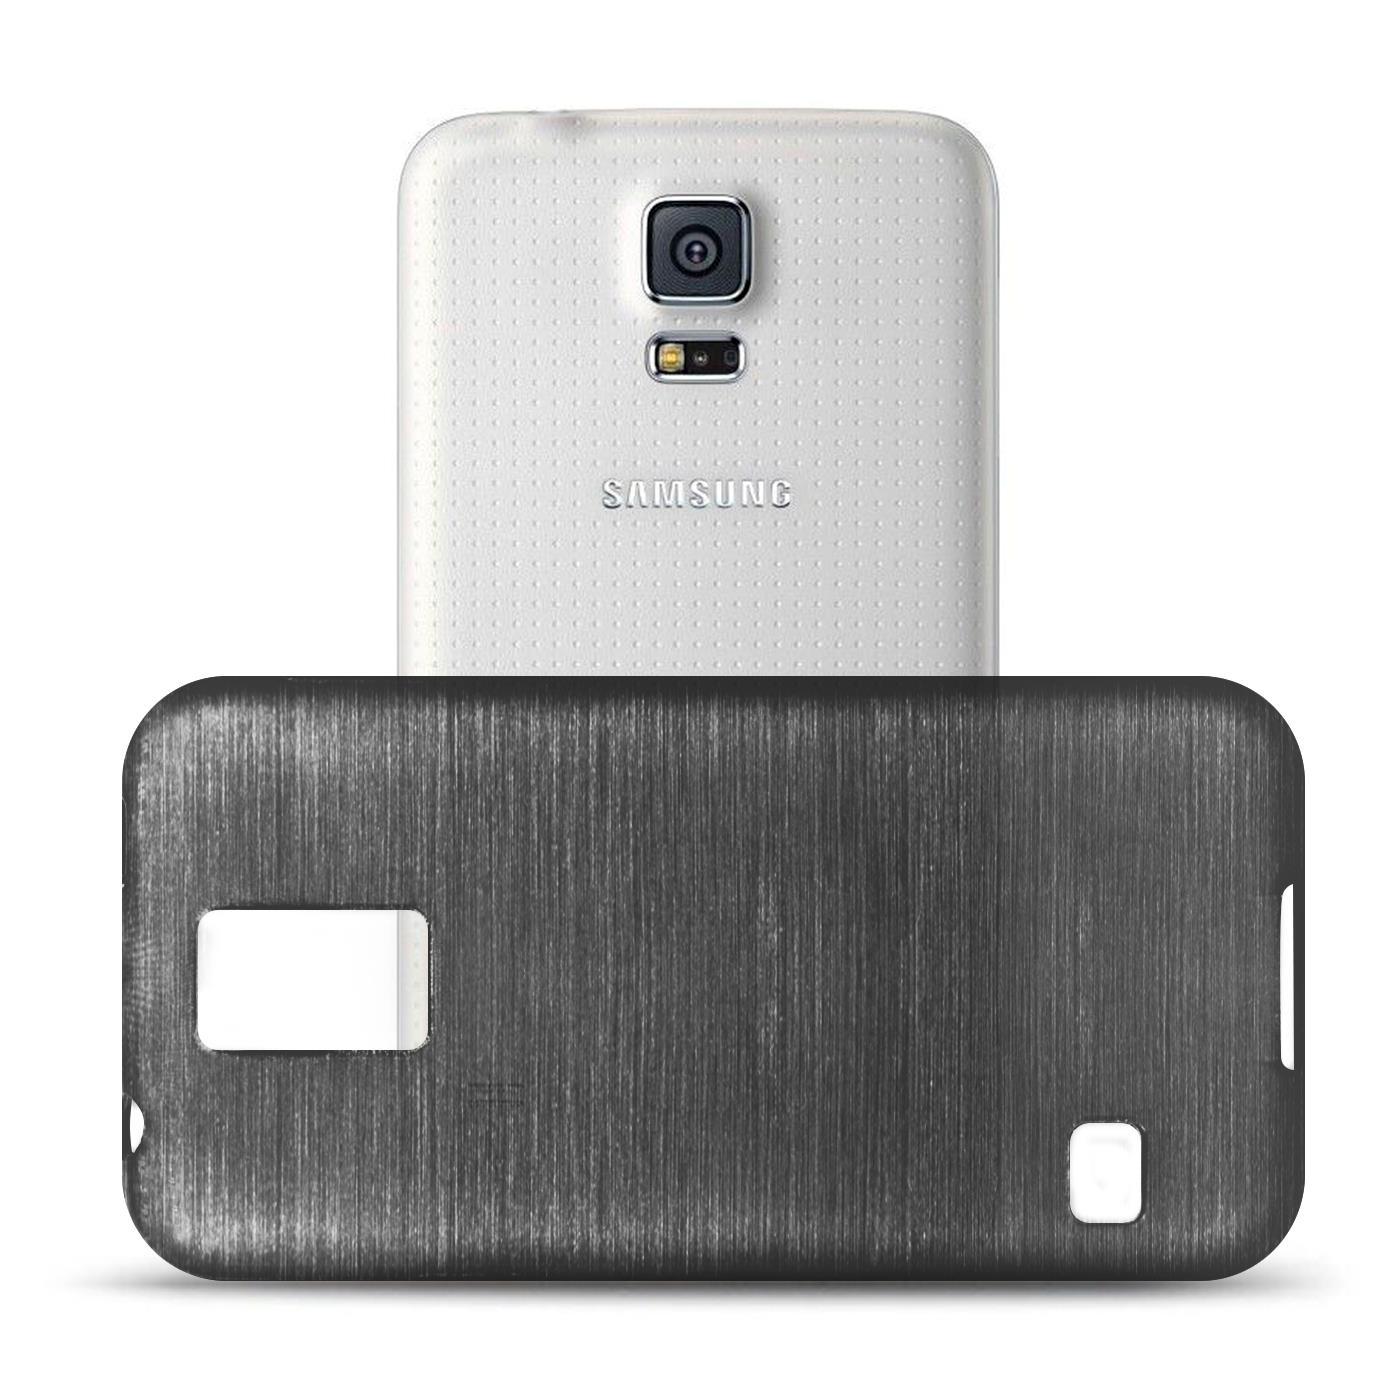 Silikon-Bumper-Case-Samsung-Galaxy-s5-Neo-duenne-ultra-slim-Stossfeste-Rueckschale Indexbild 8